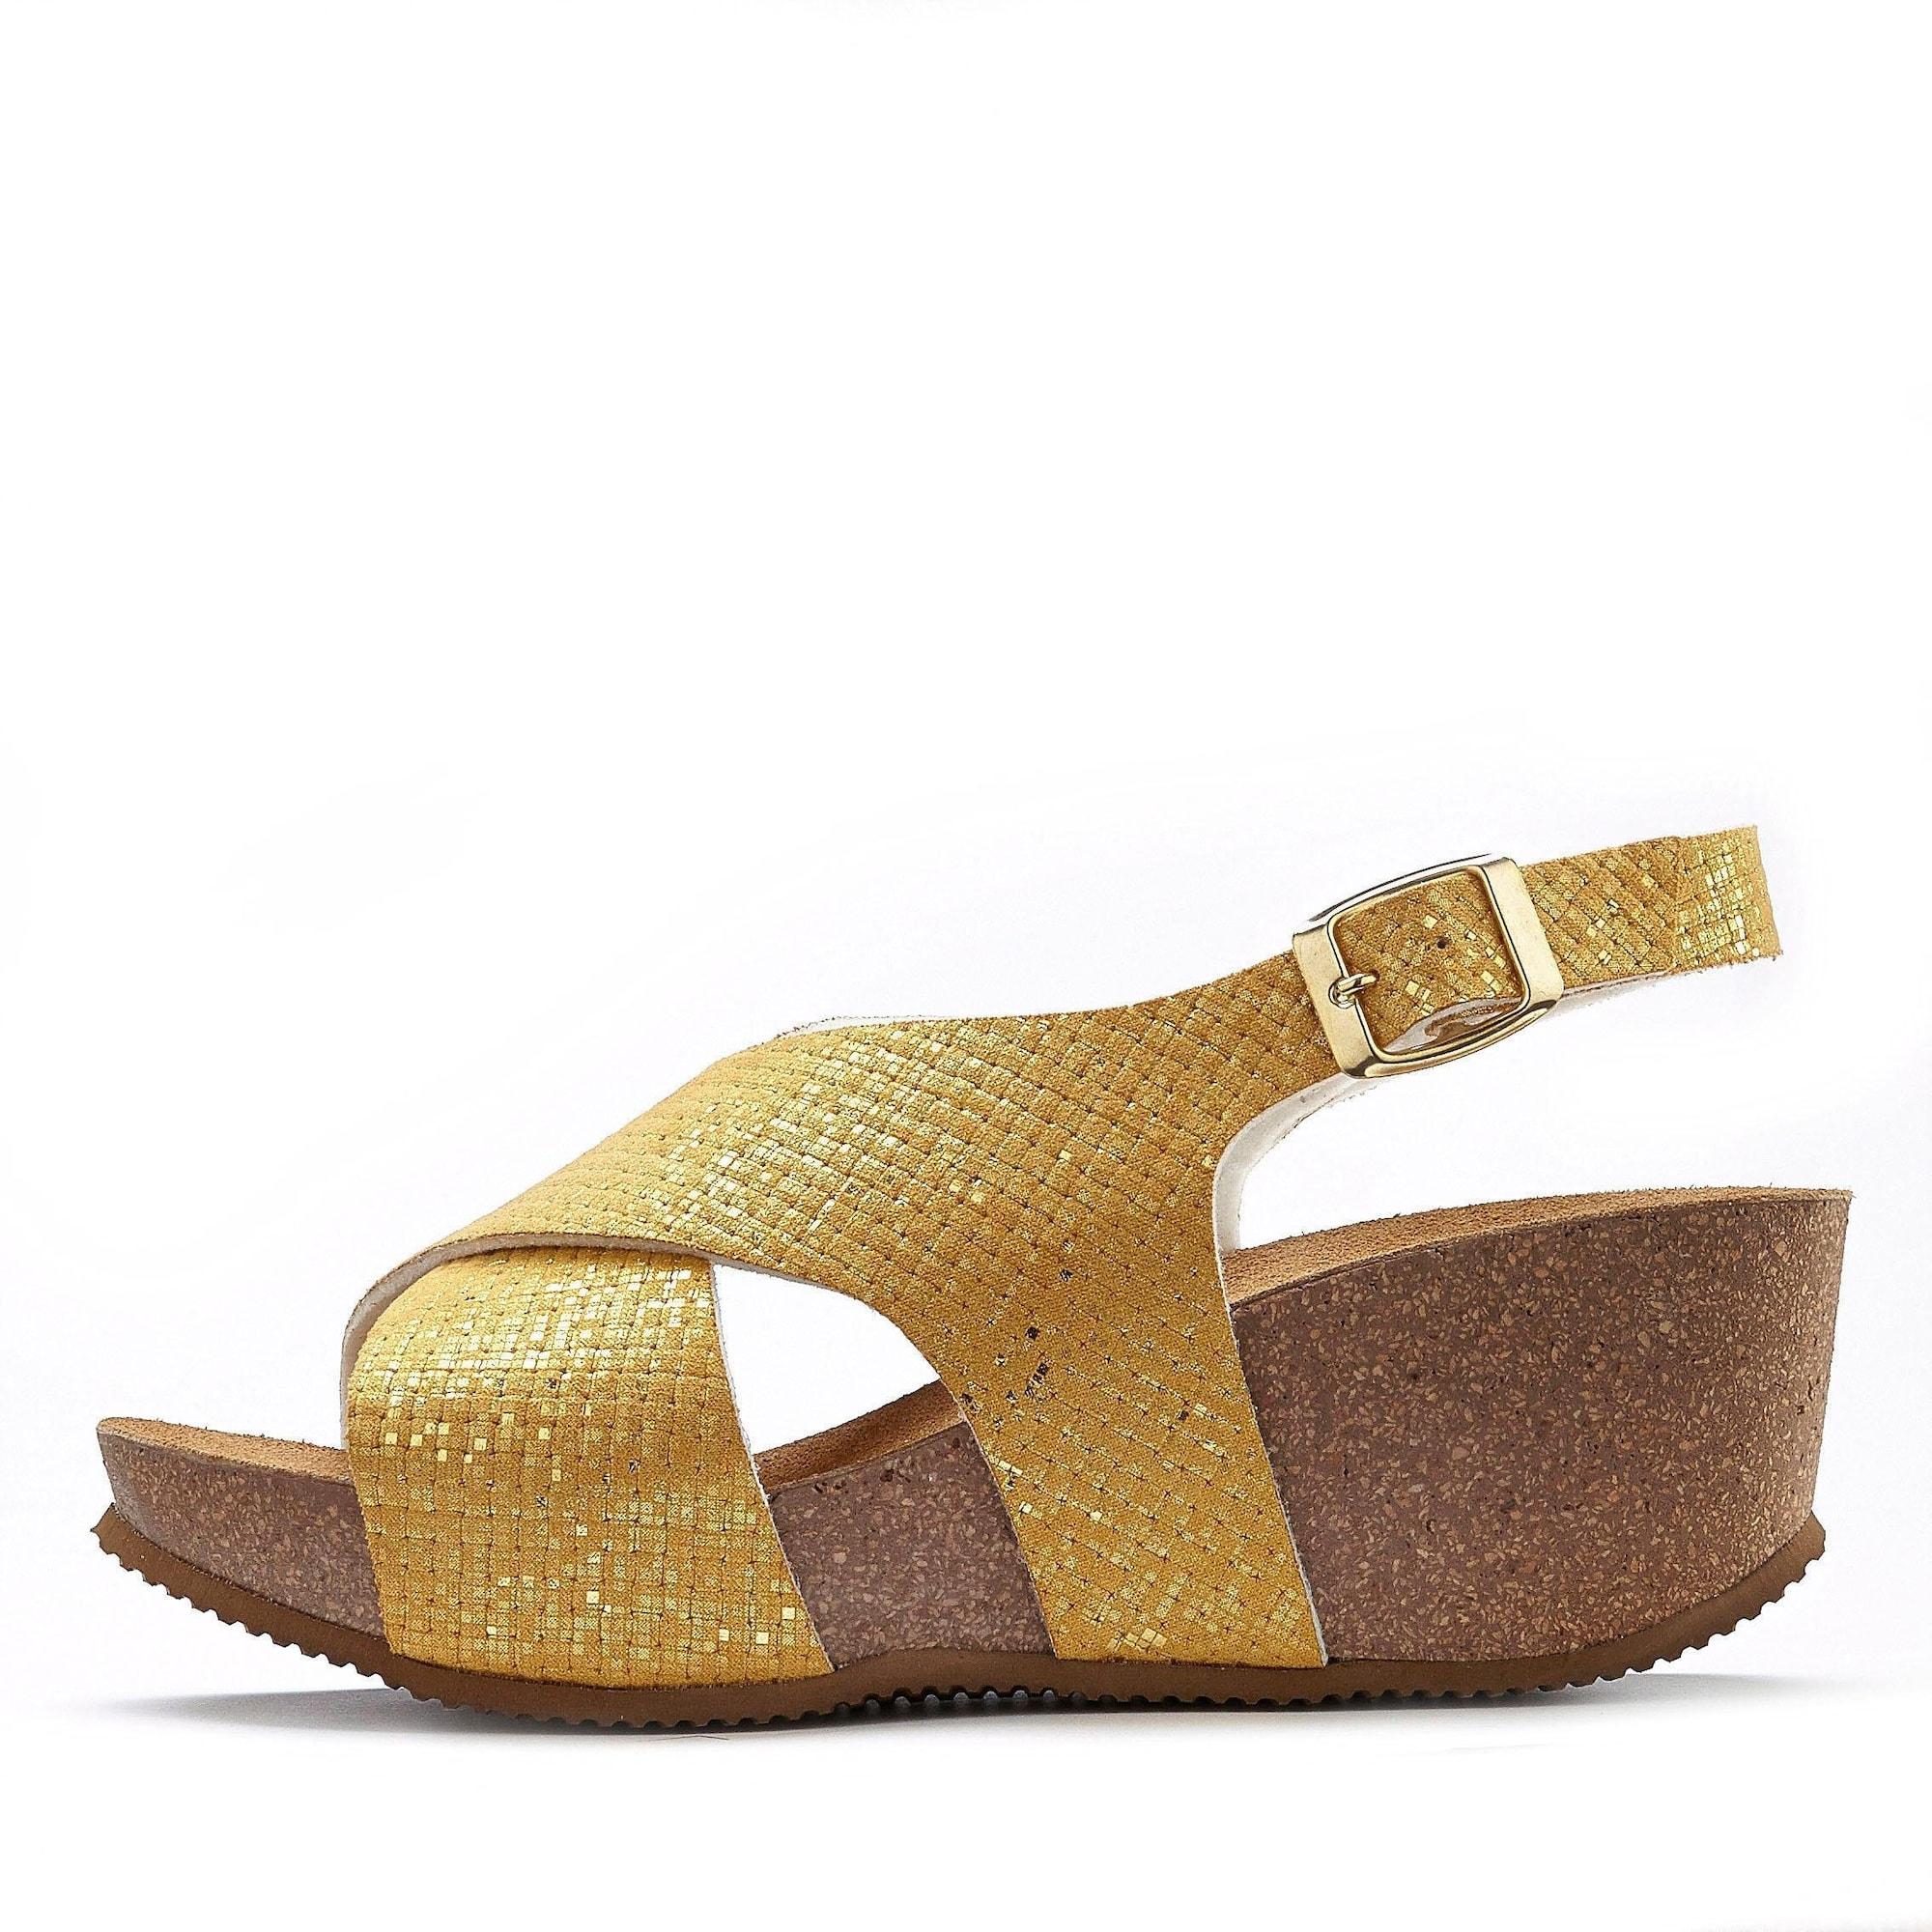 LASCANA Basutės su dirželiais aukso geltonumo spalva